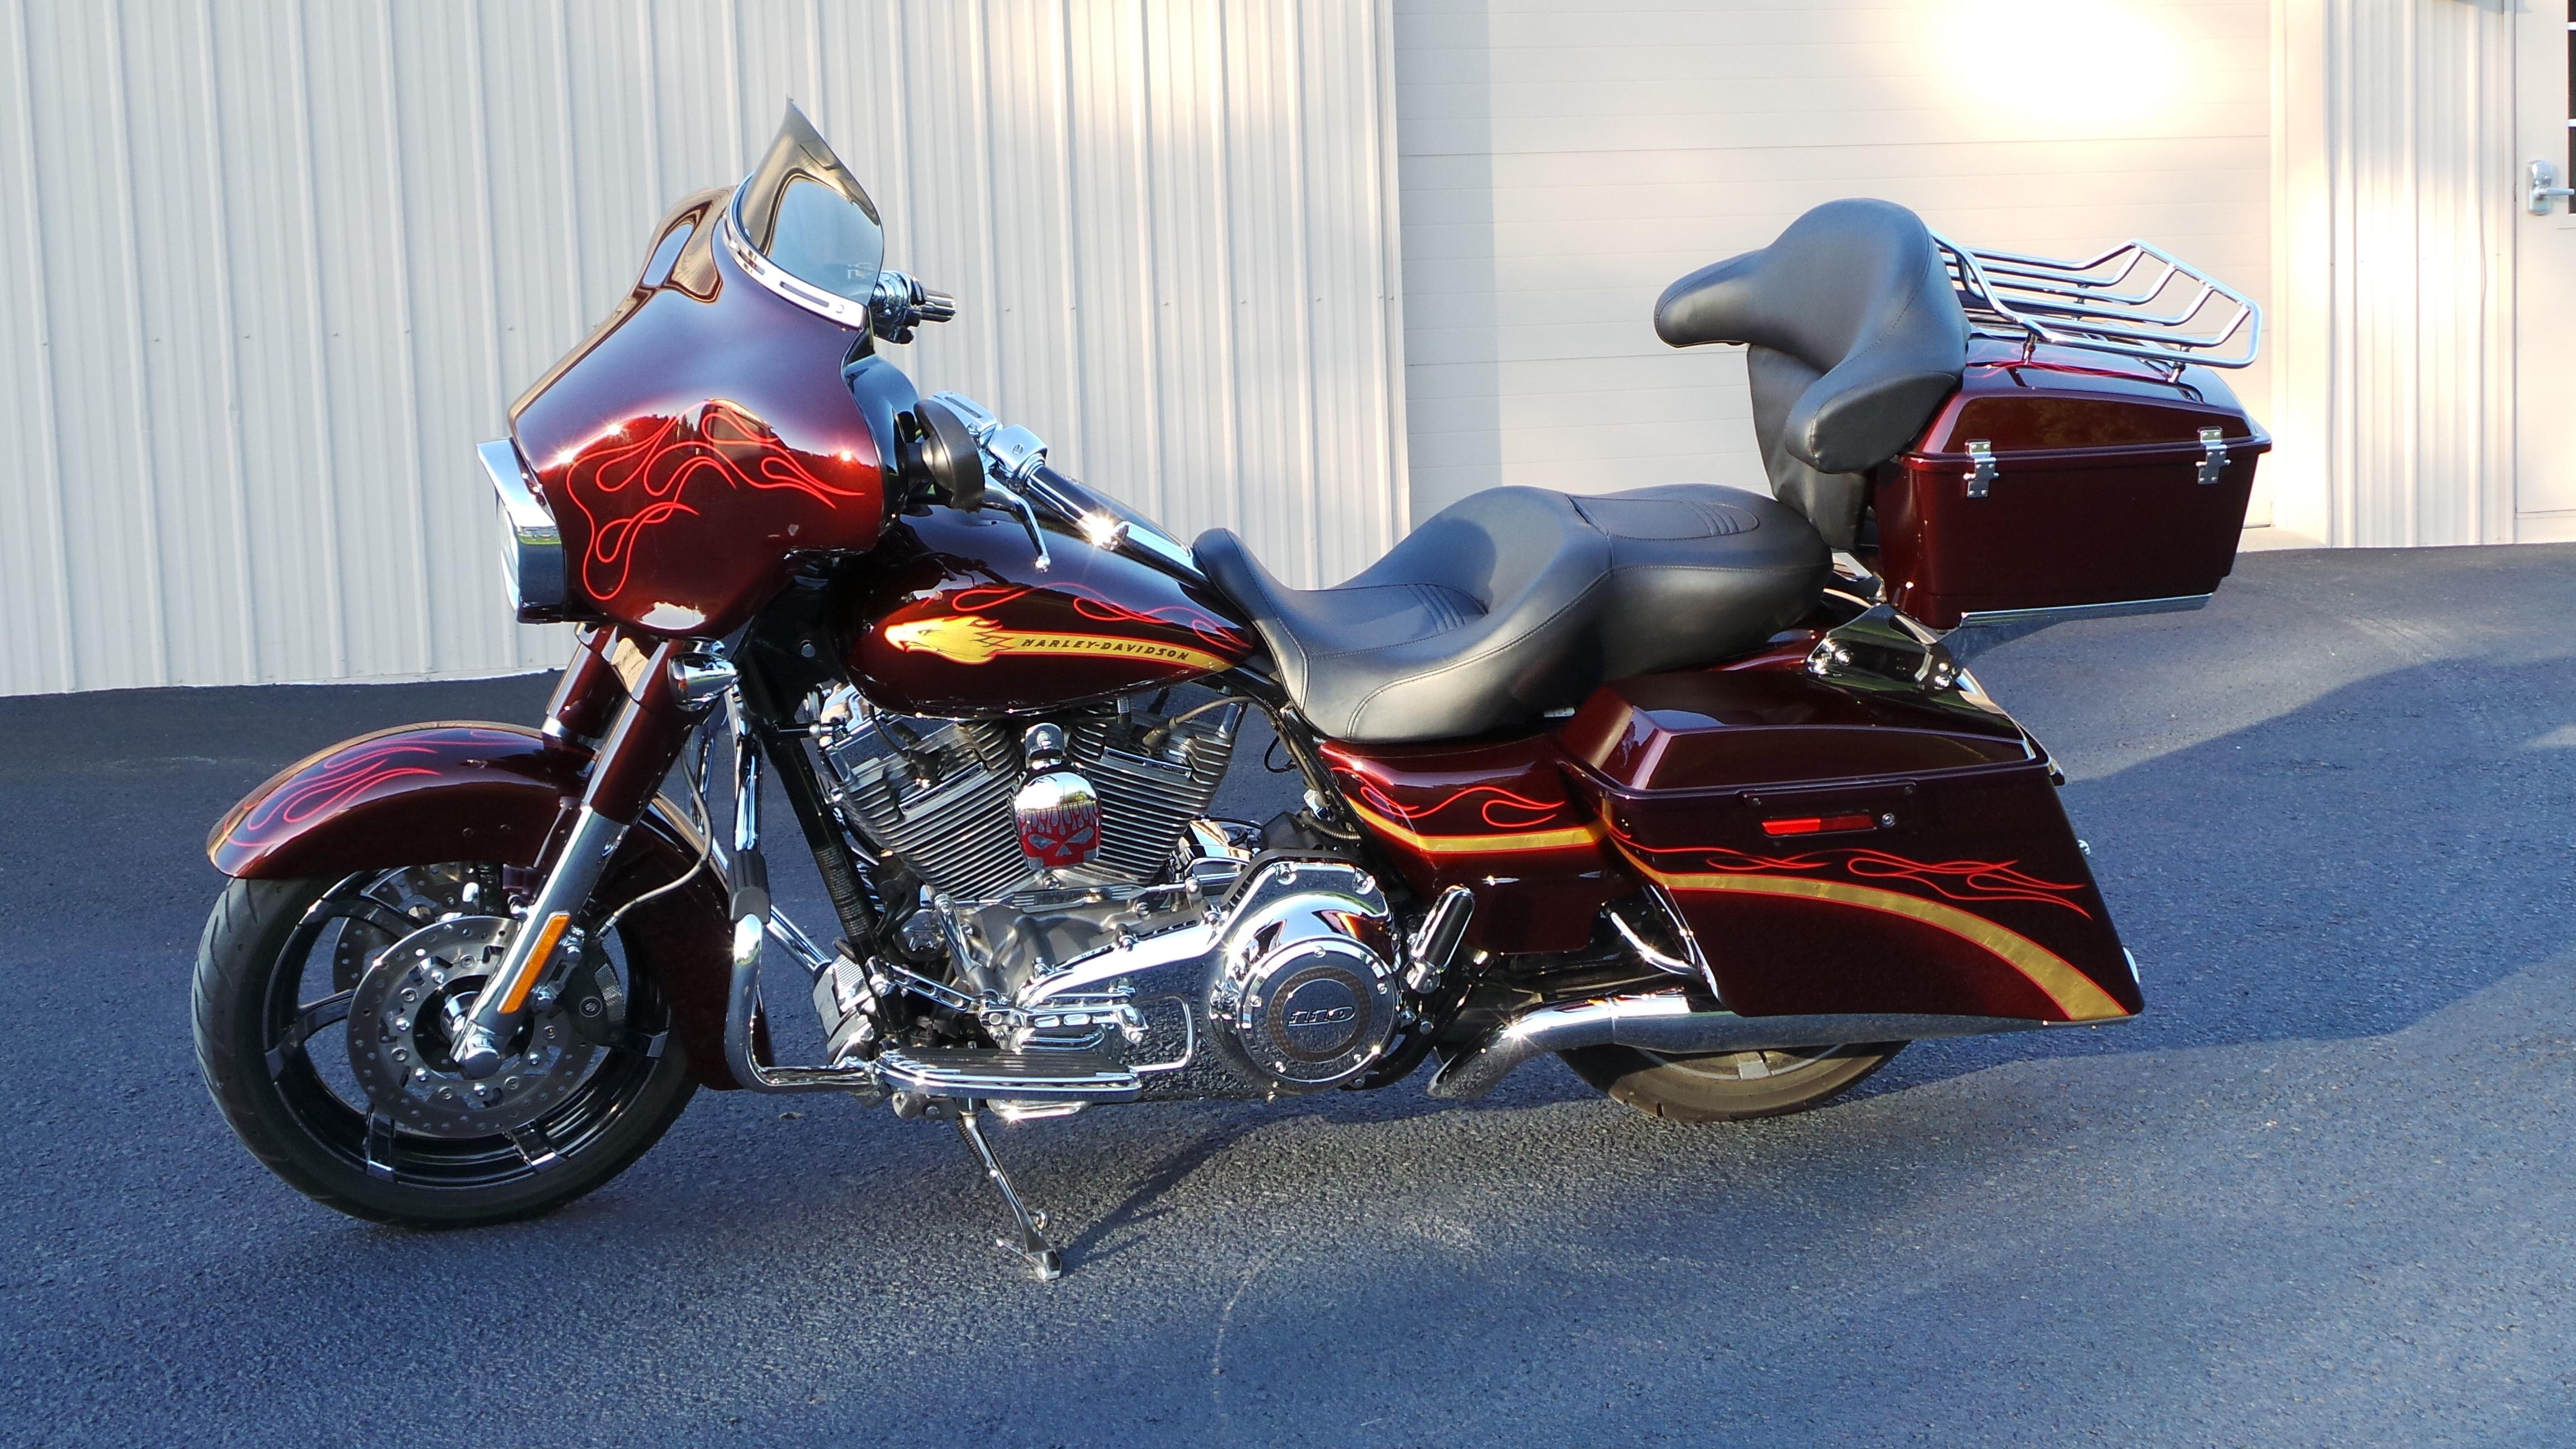 2010 Harley Davidson Flhxse Cvo Street Glide Spiced Rum Palo 2015 Tour Pack Iowa 488359 Chopperexchange